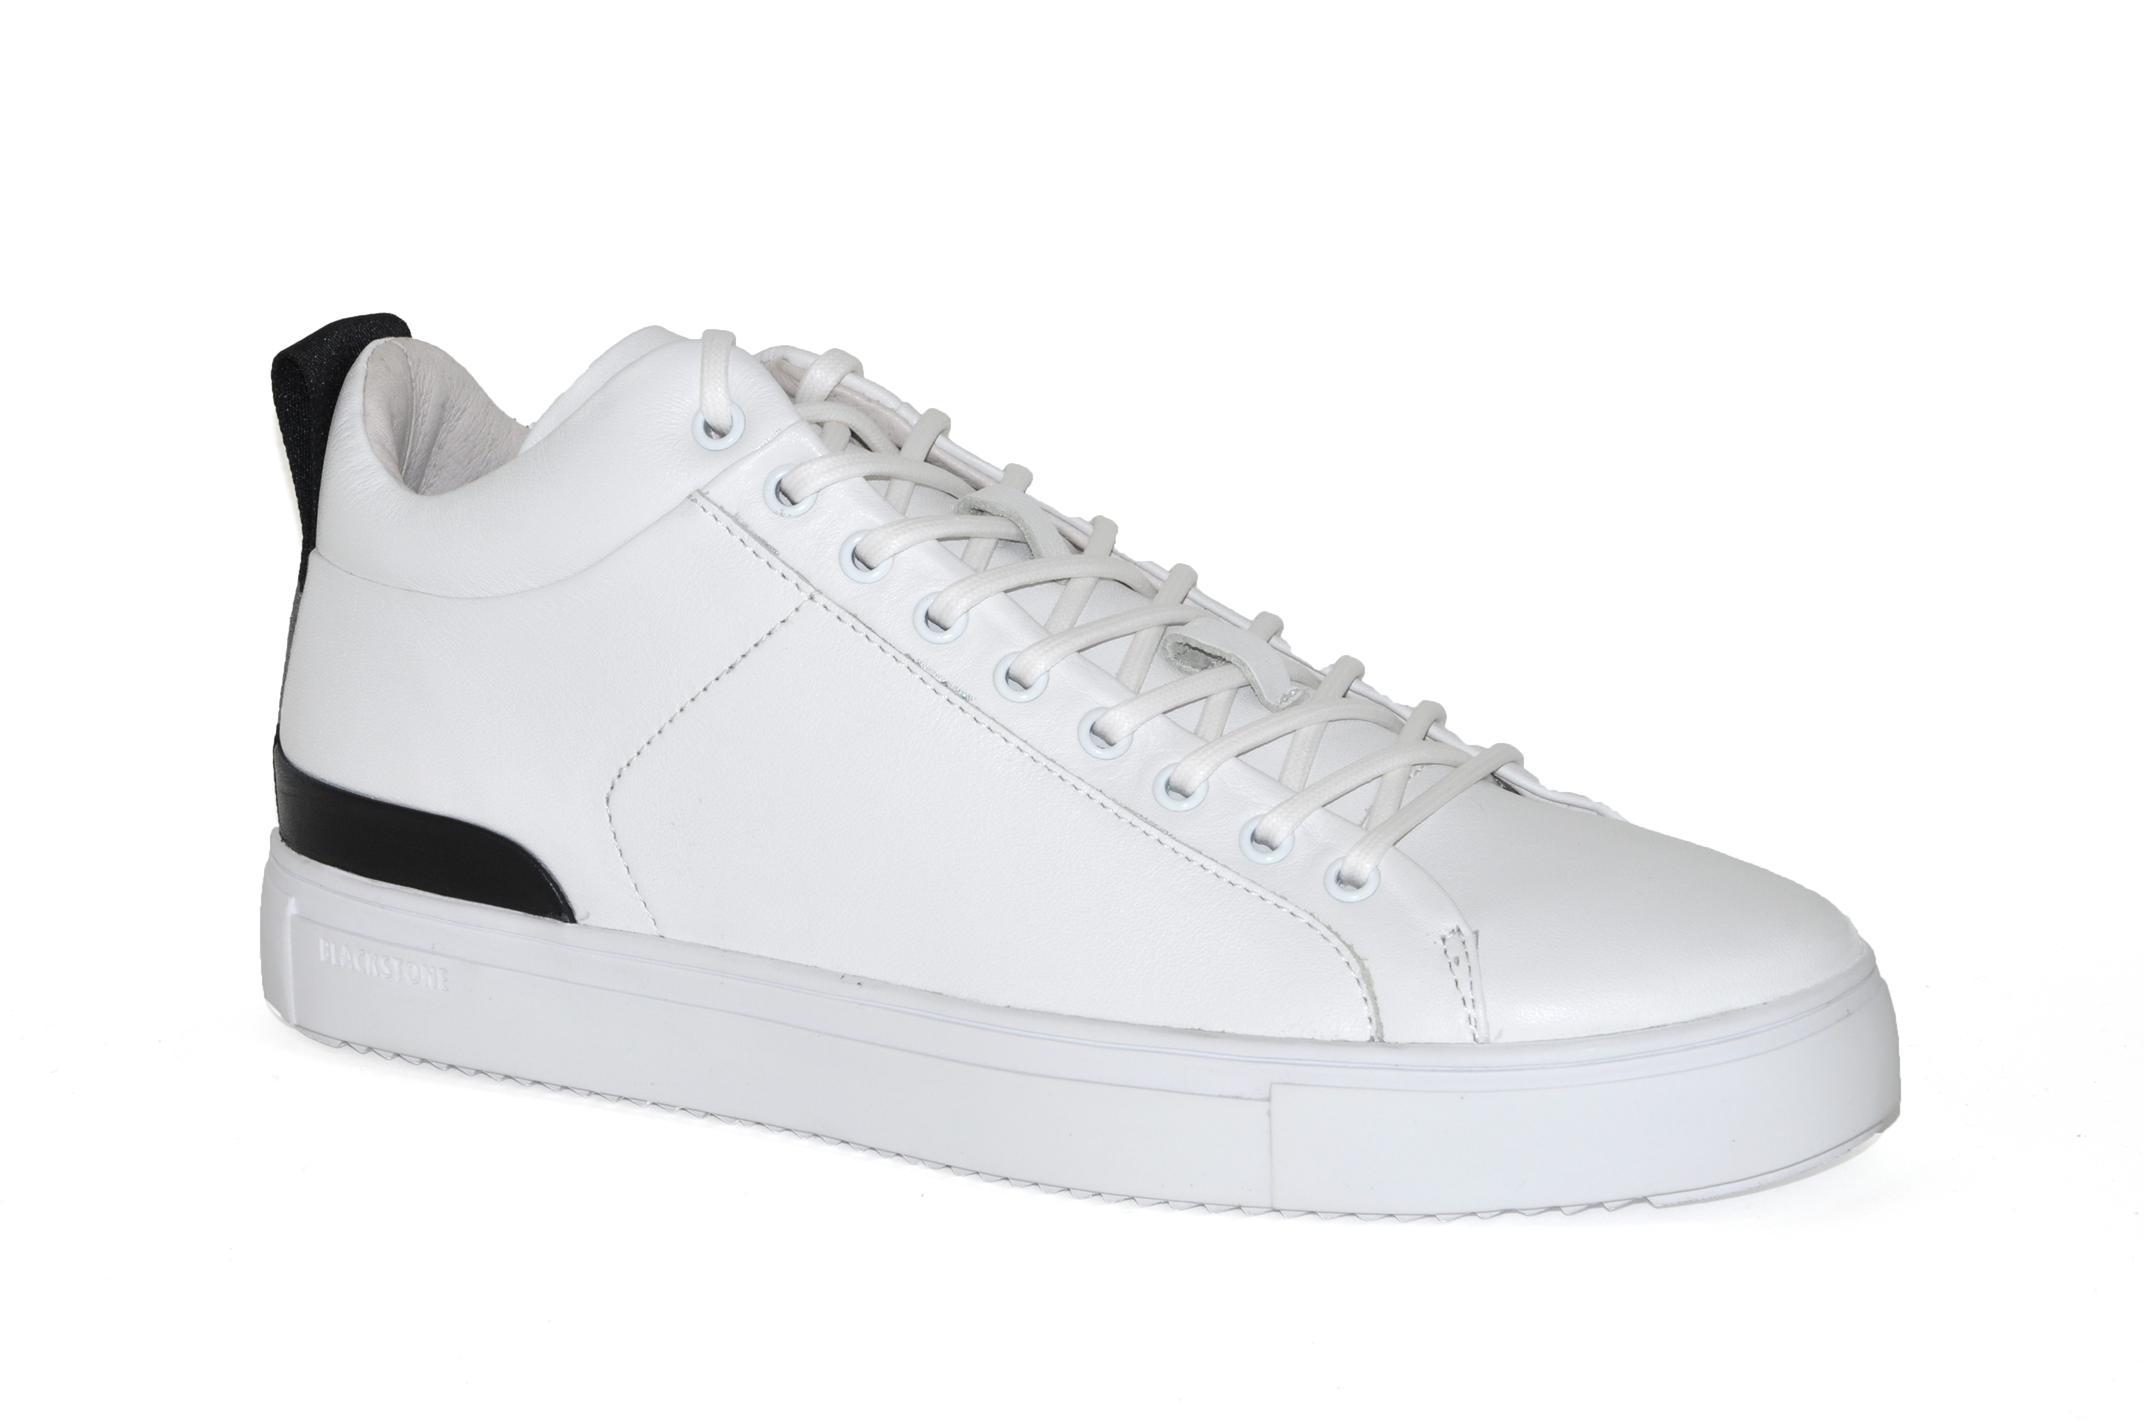 Afbeelding van Blackstone artikelnummer RM14 mid sneaker wit